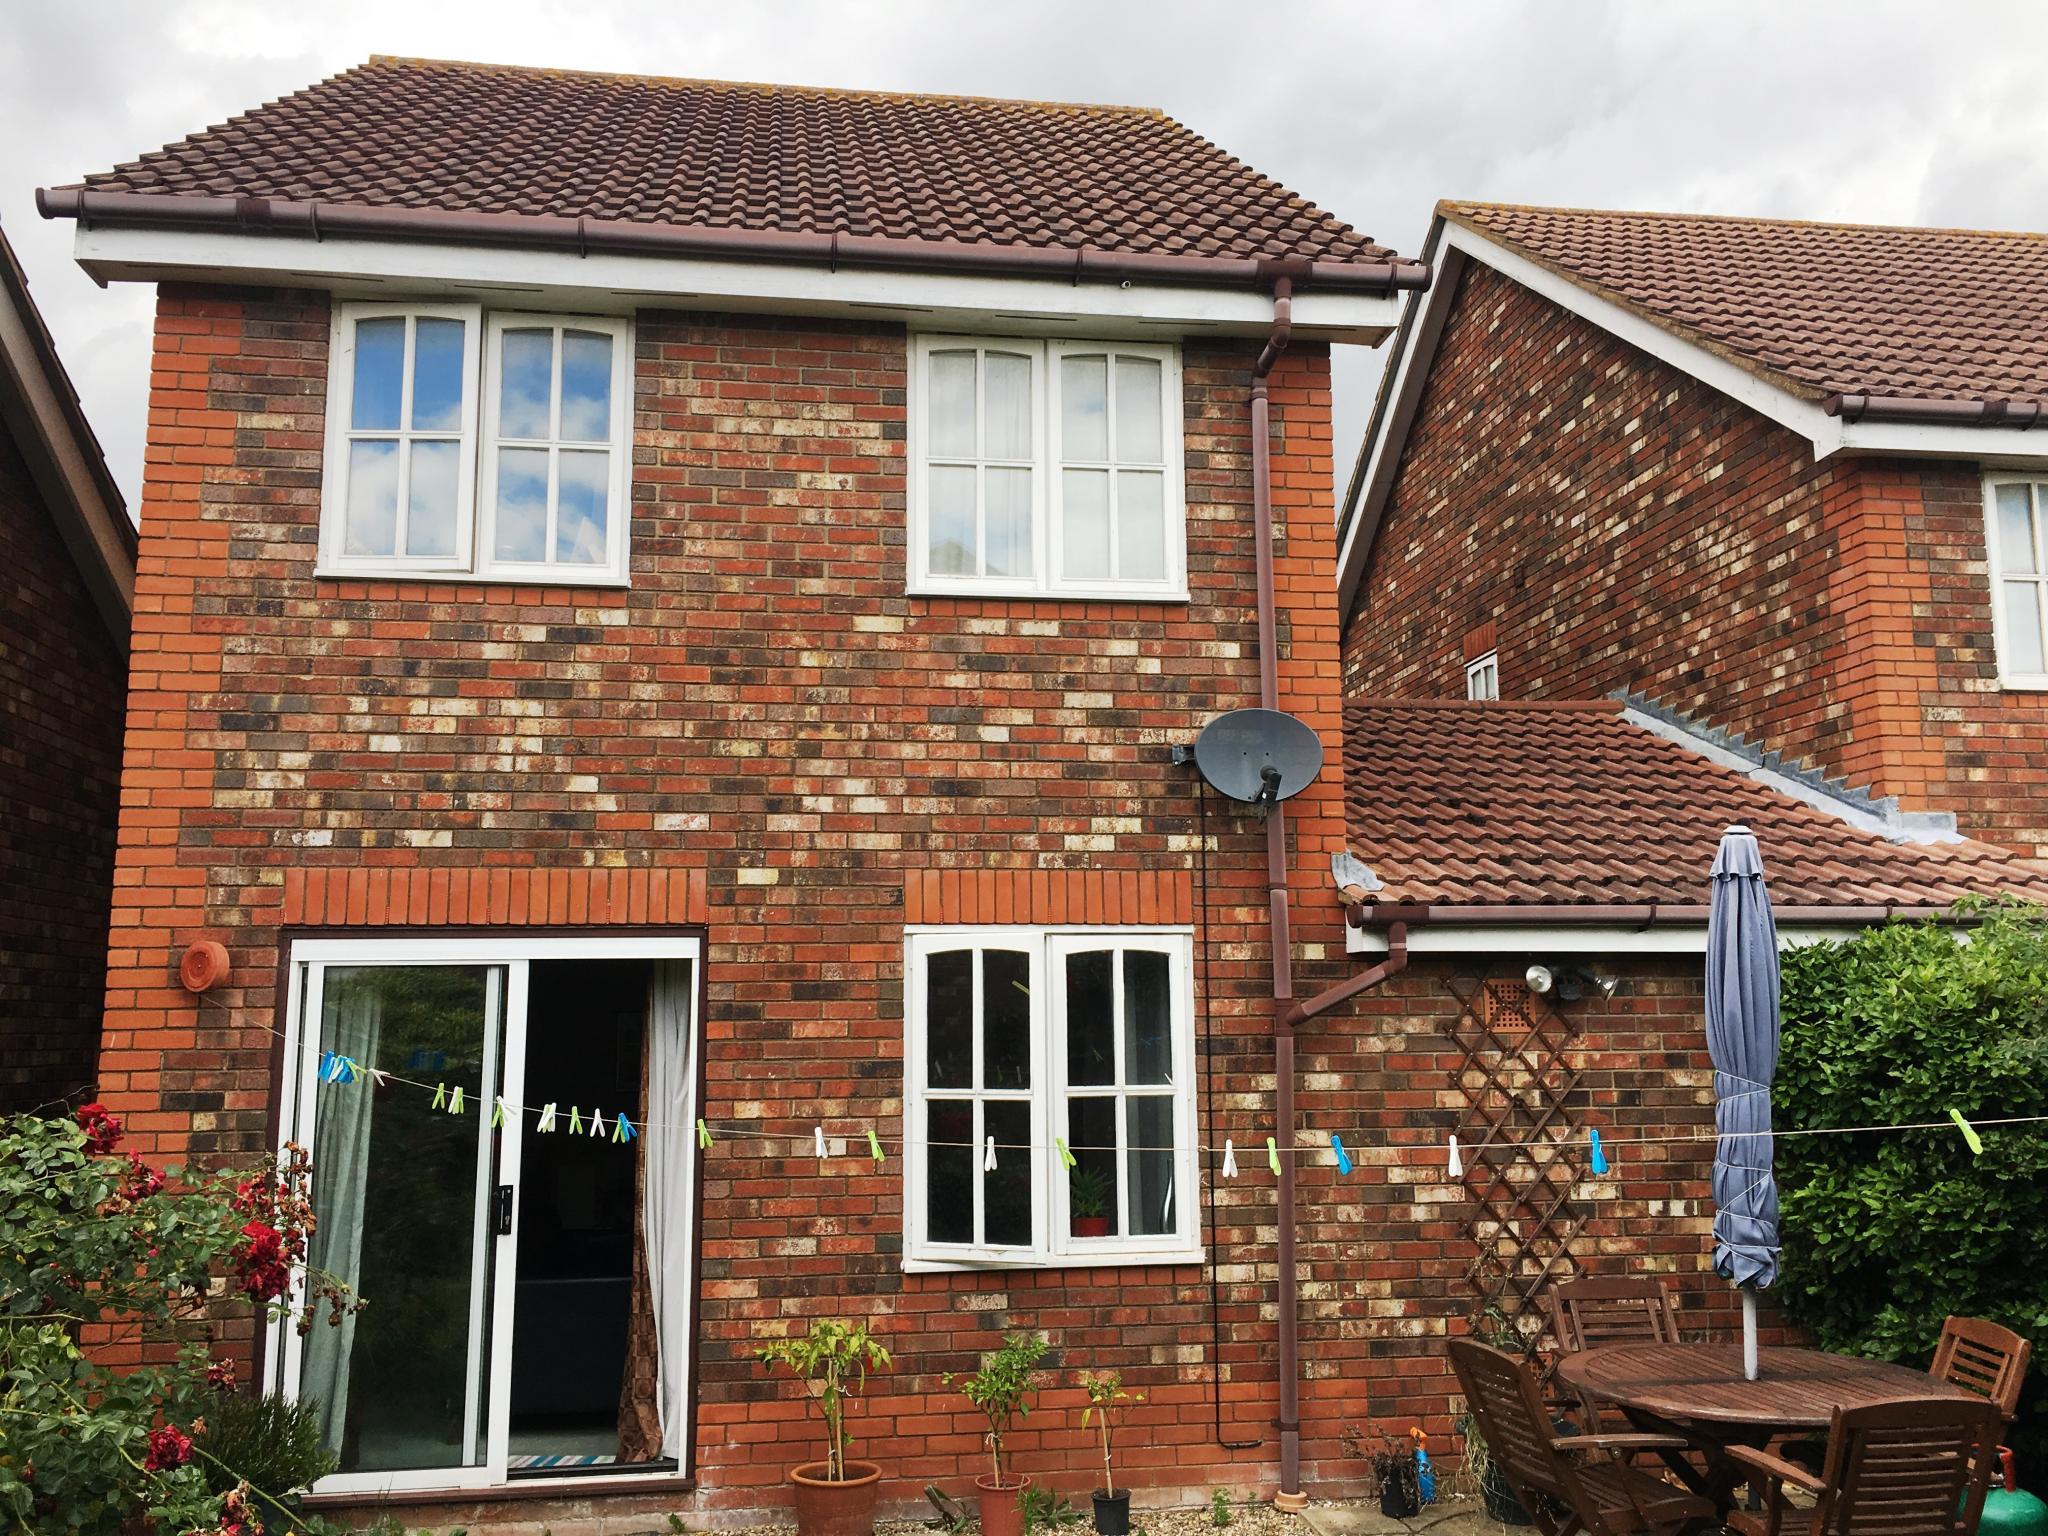 3 bedroom detached house SSTC in Ipswich - 12